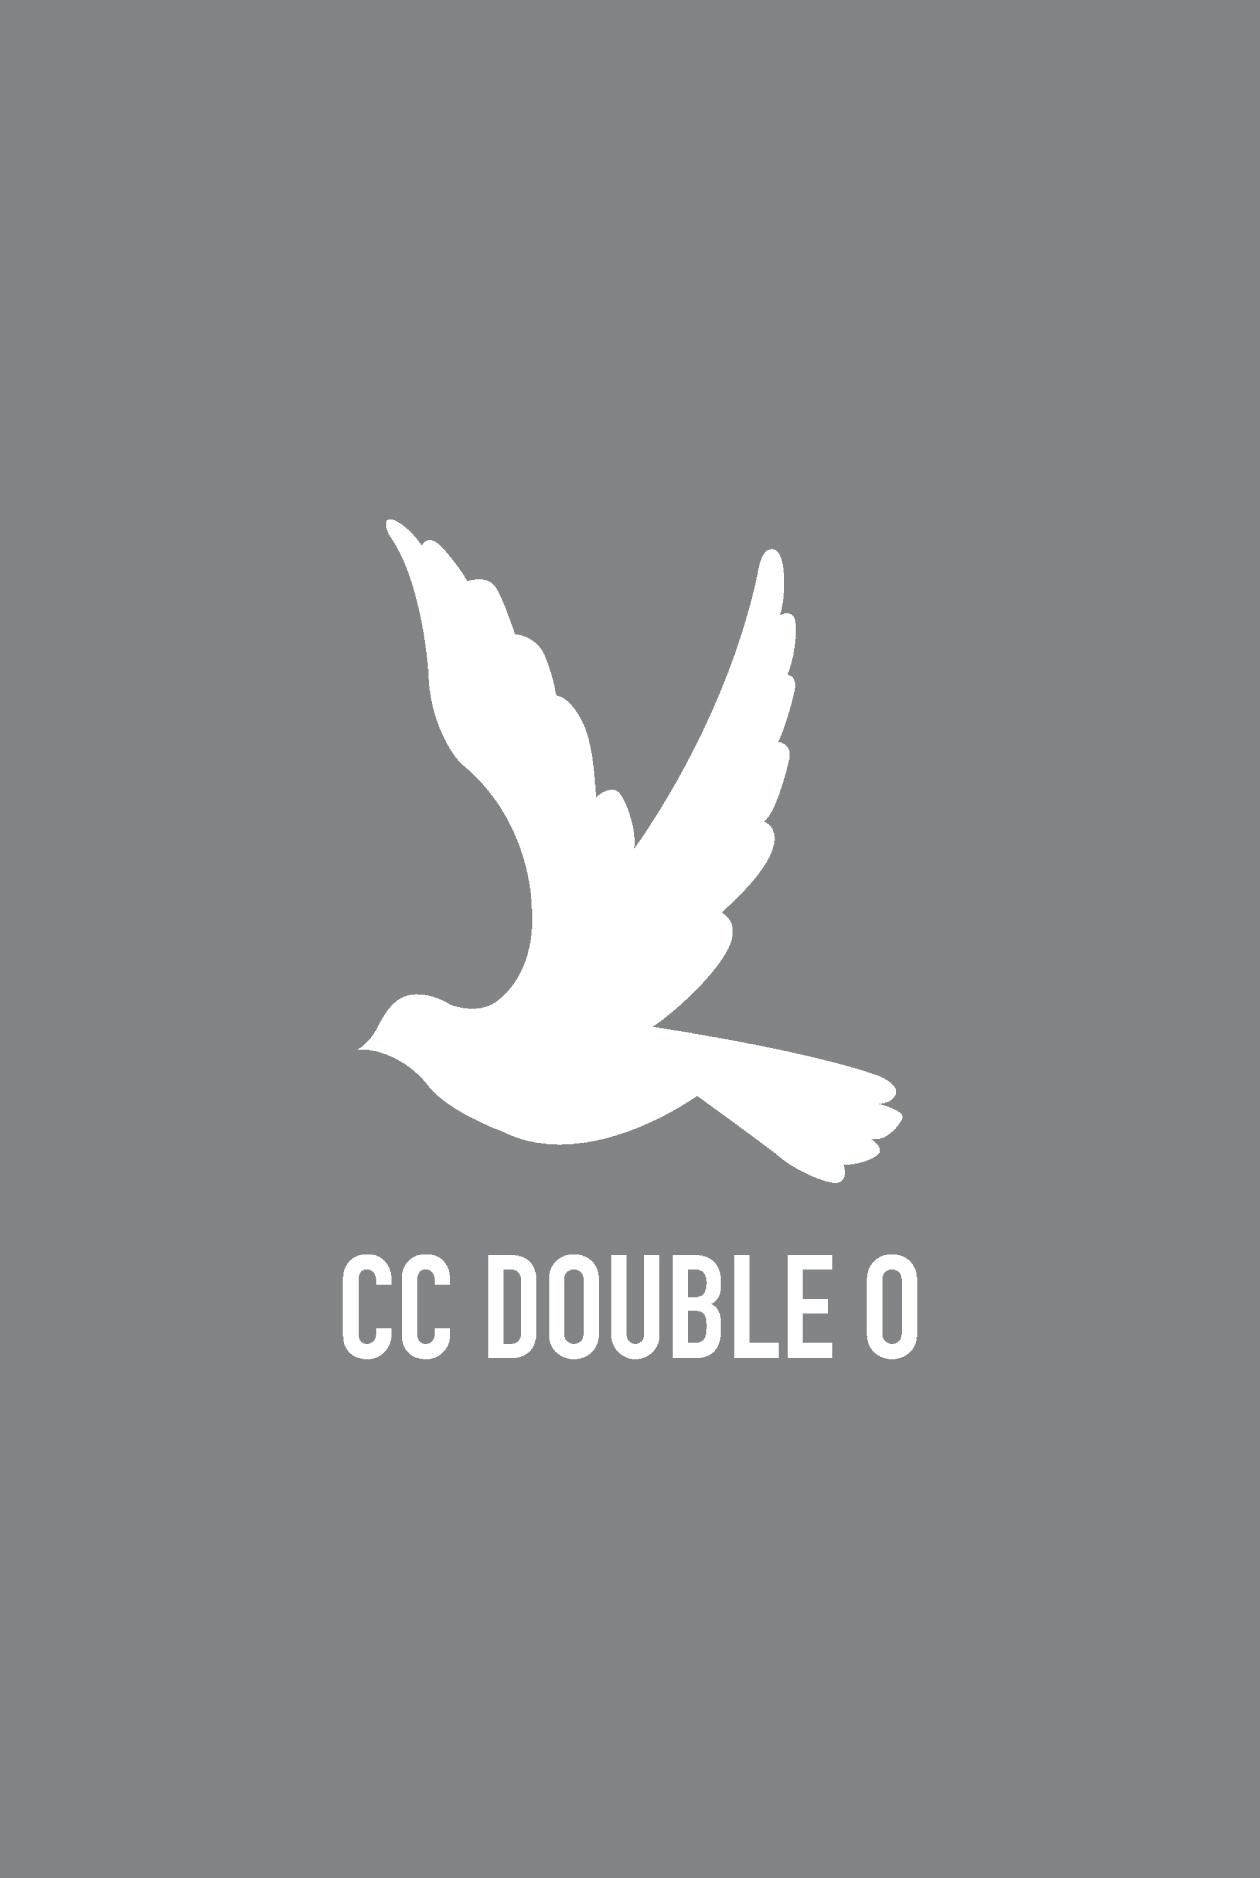 CC DOUBLE O Sport Jumpsuit